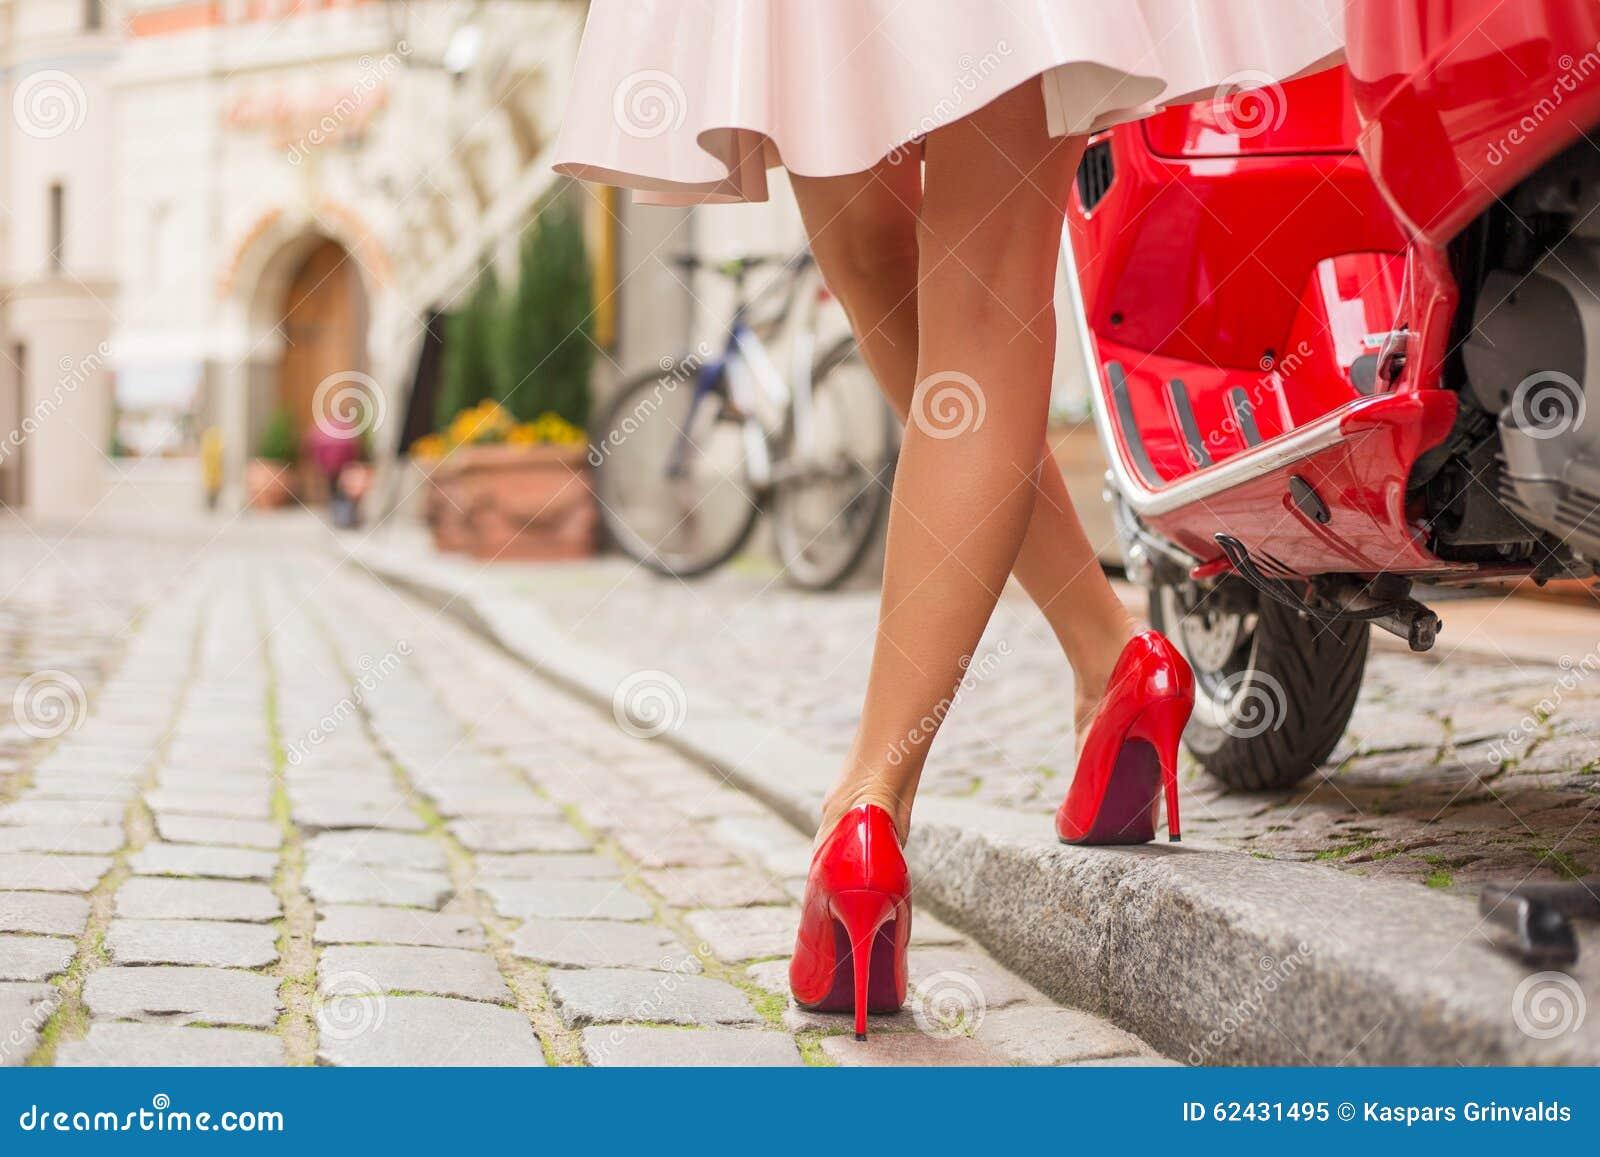 Next Red Heels